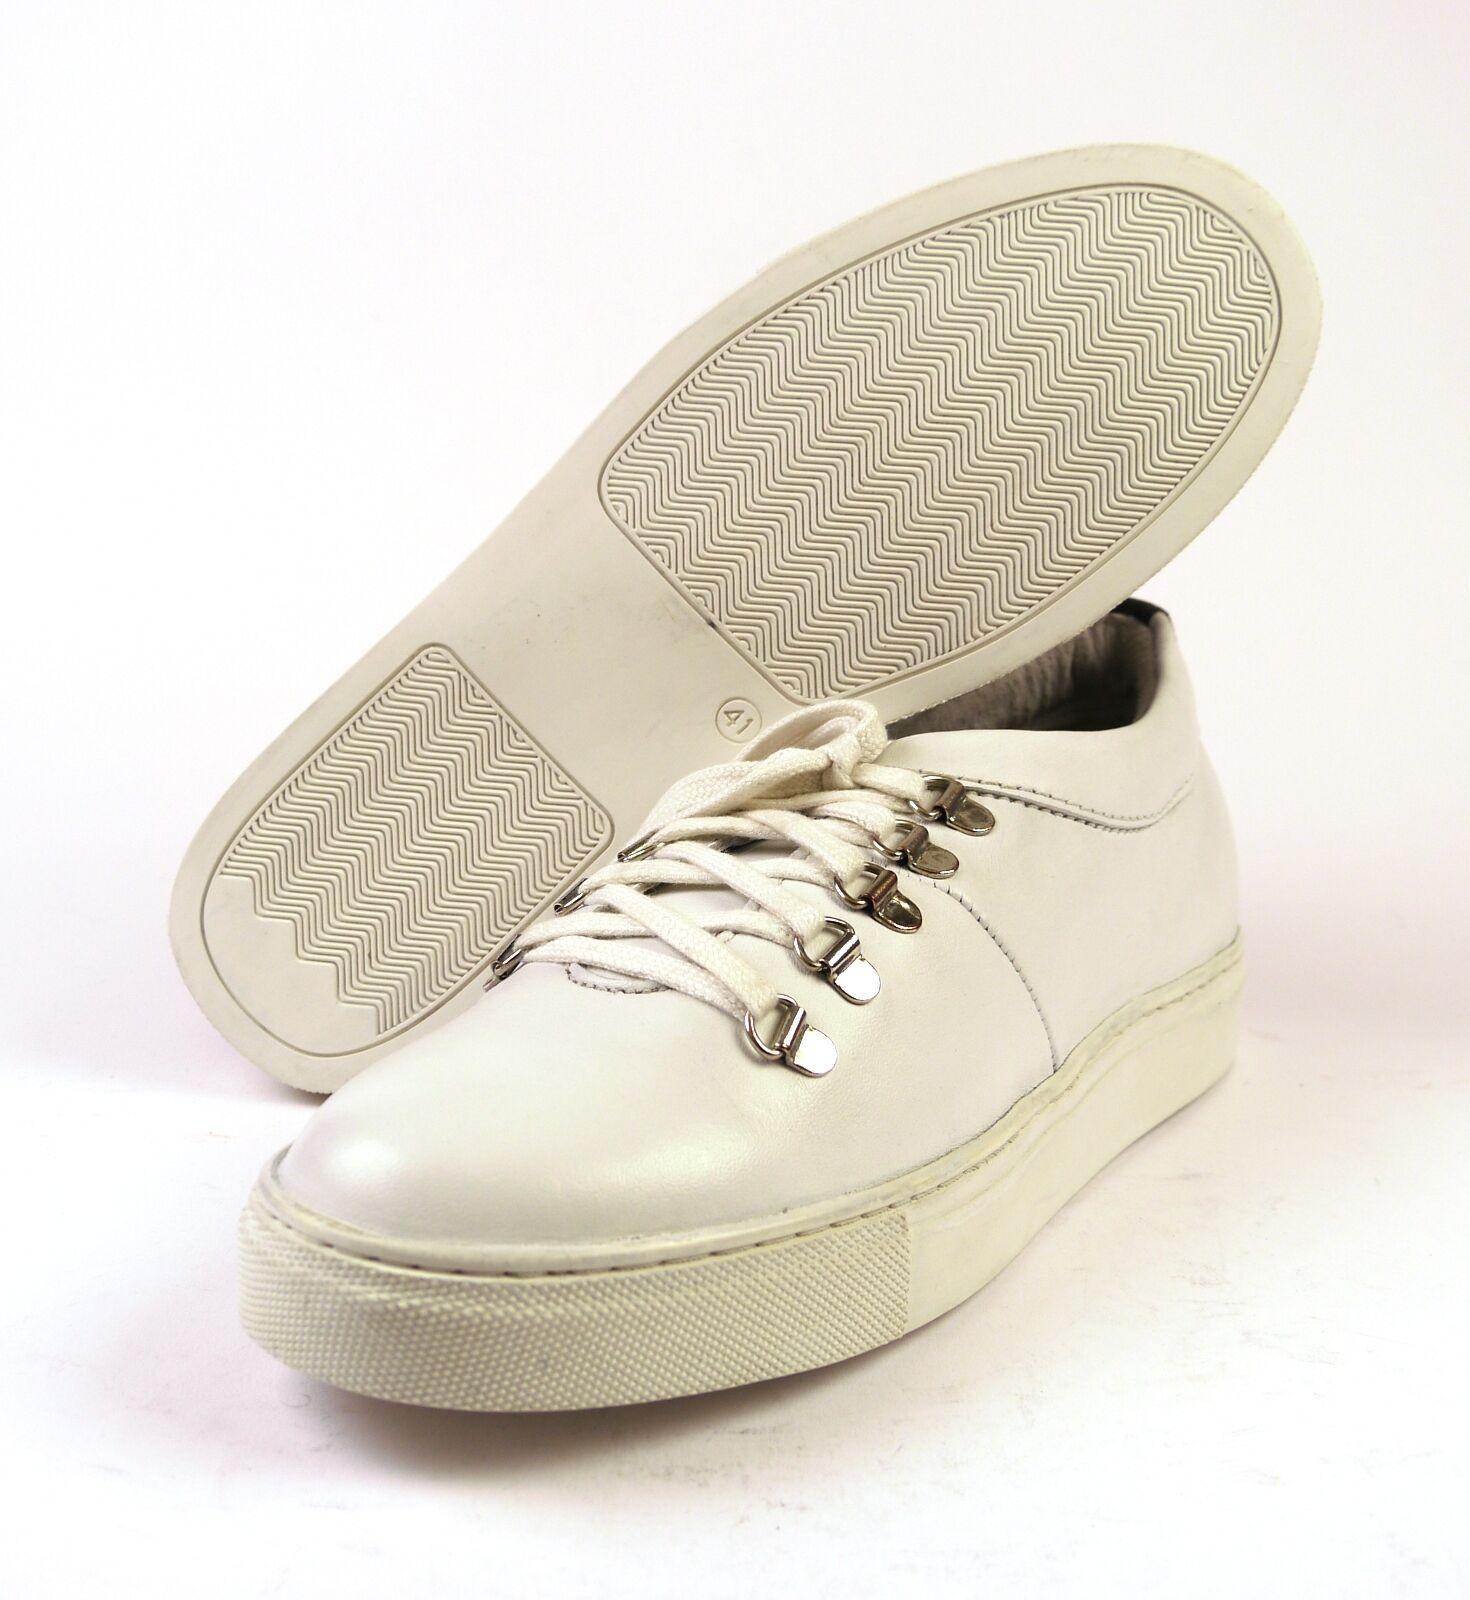 AM Zapatos Company 13132971 Talla Zapatillas de deporte Hombre Talla 13132971 42-46 NUEVO CUERO cf99b6